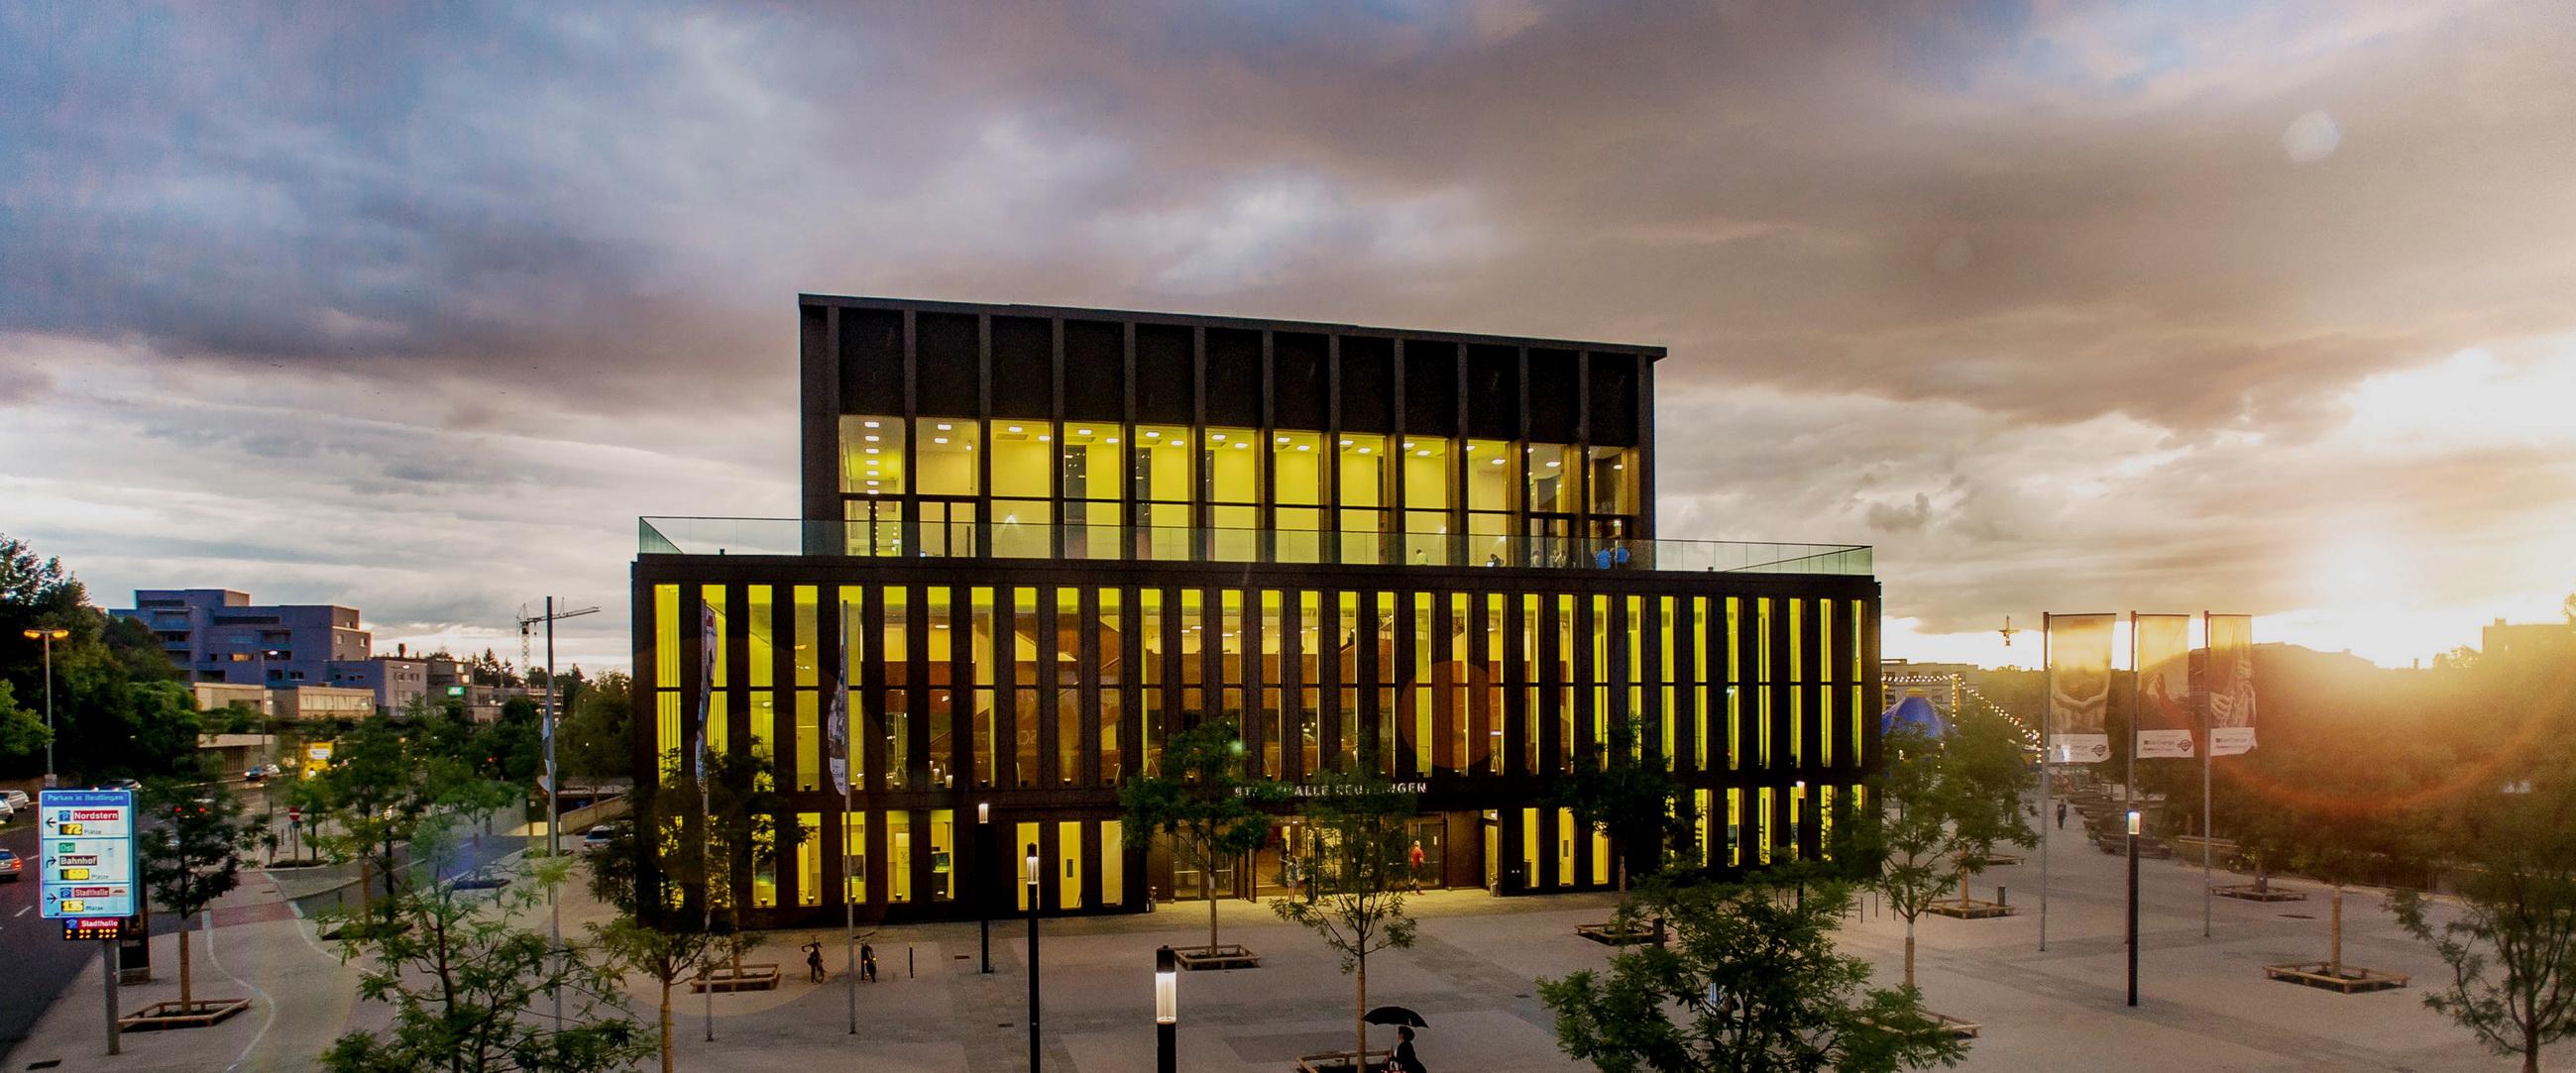 Architektur Stadthalle Reutlingen